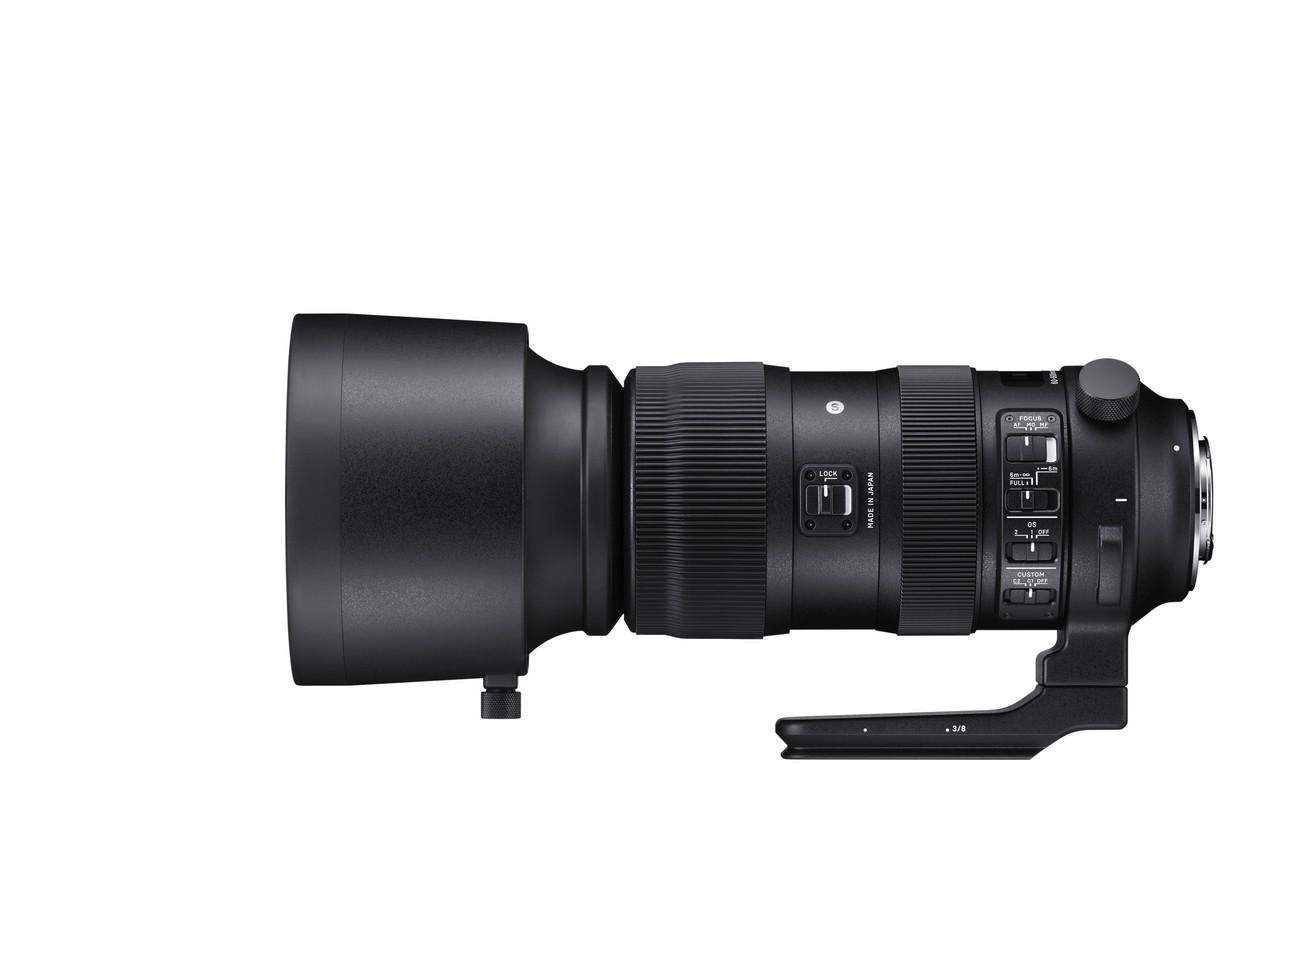 Optyczne recenzuje Sigmę S 60-600mm F4.5-6.3 DG OS HSM